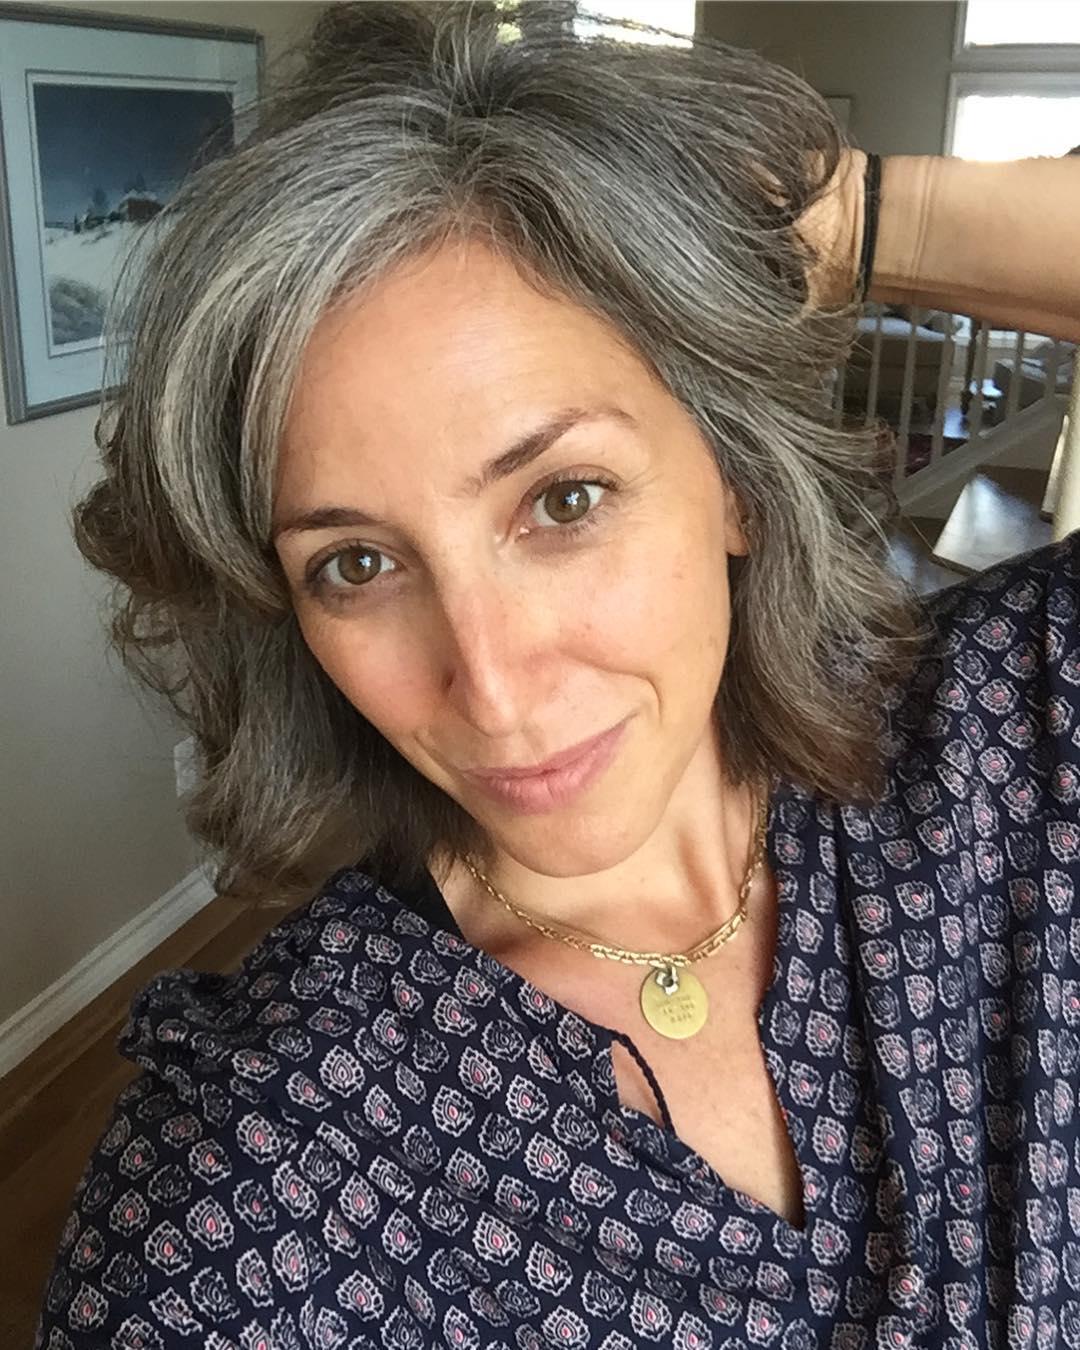 короткие стрижки для женщин старше 60 лет фото 9